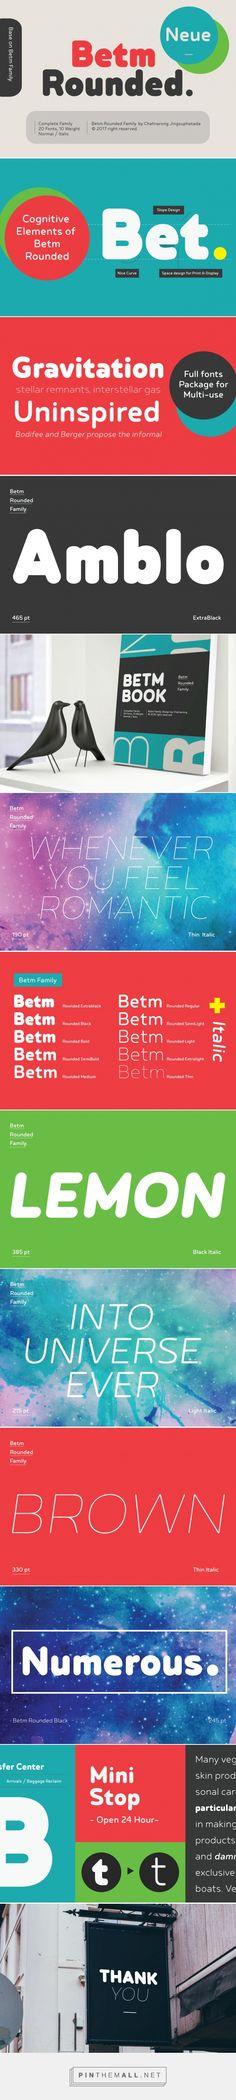 Betm Rounded - Desktop Font & WebFont - YouWorkForThem #font #typoraphy